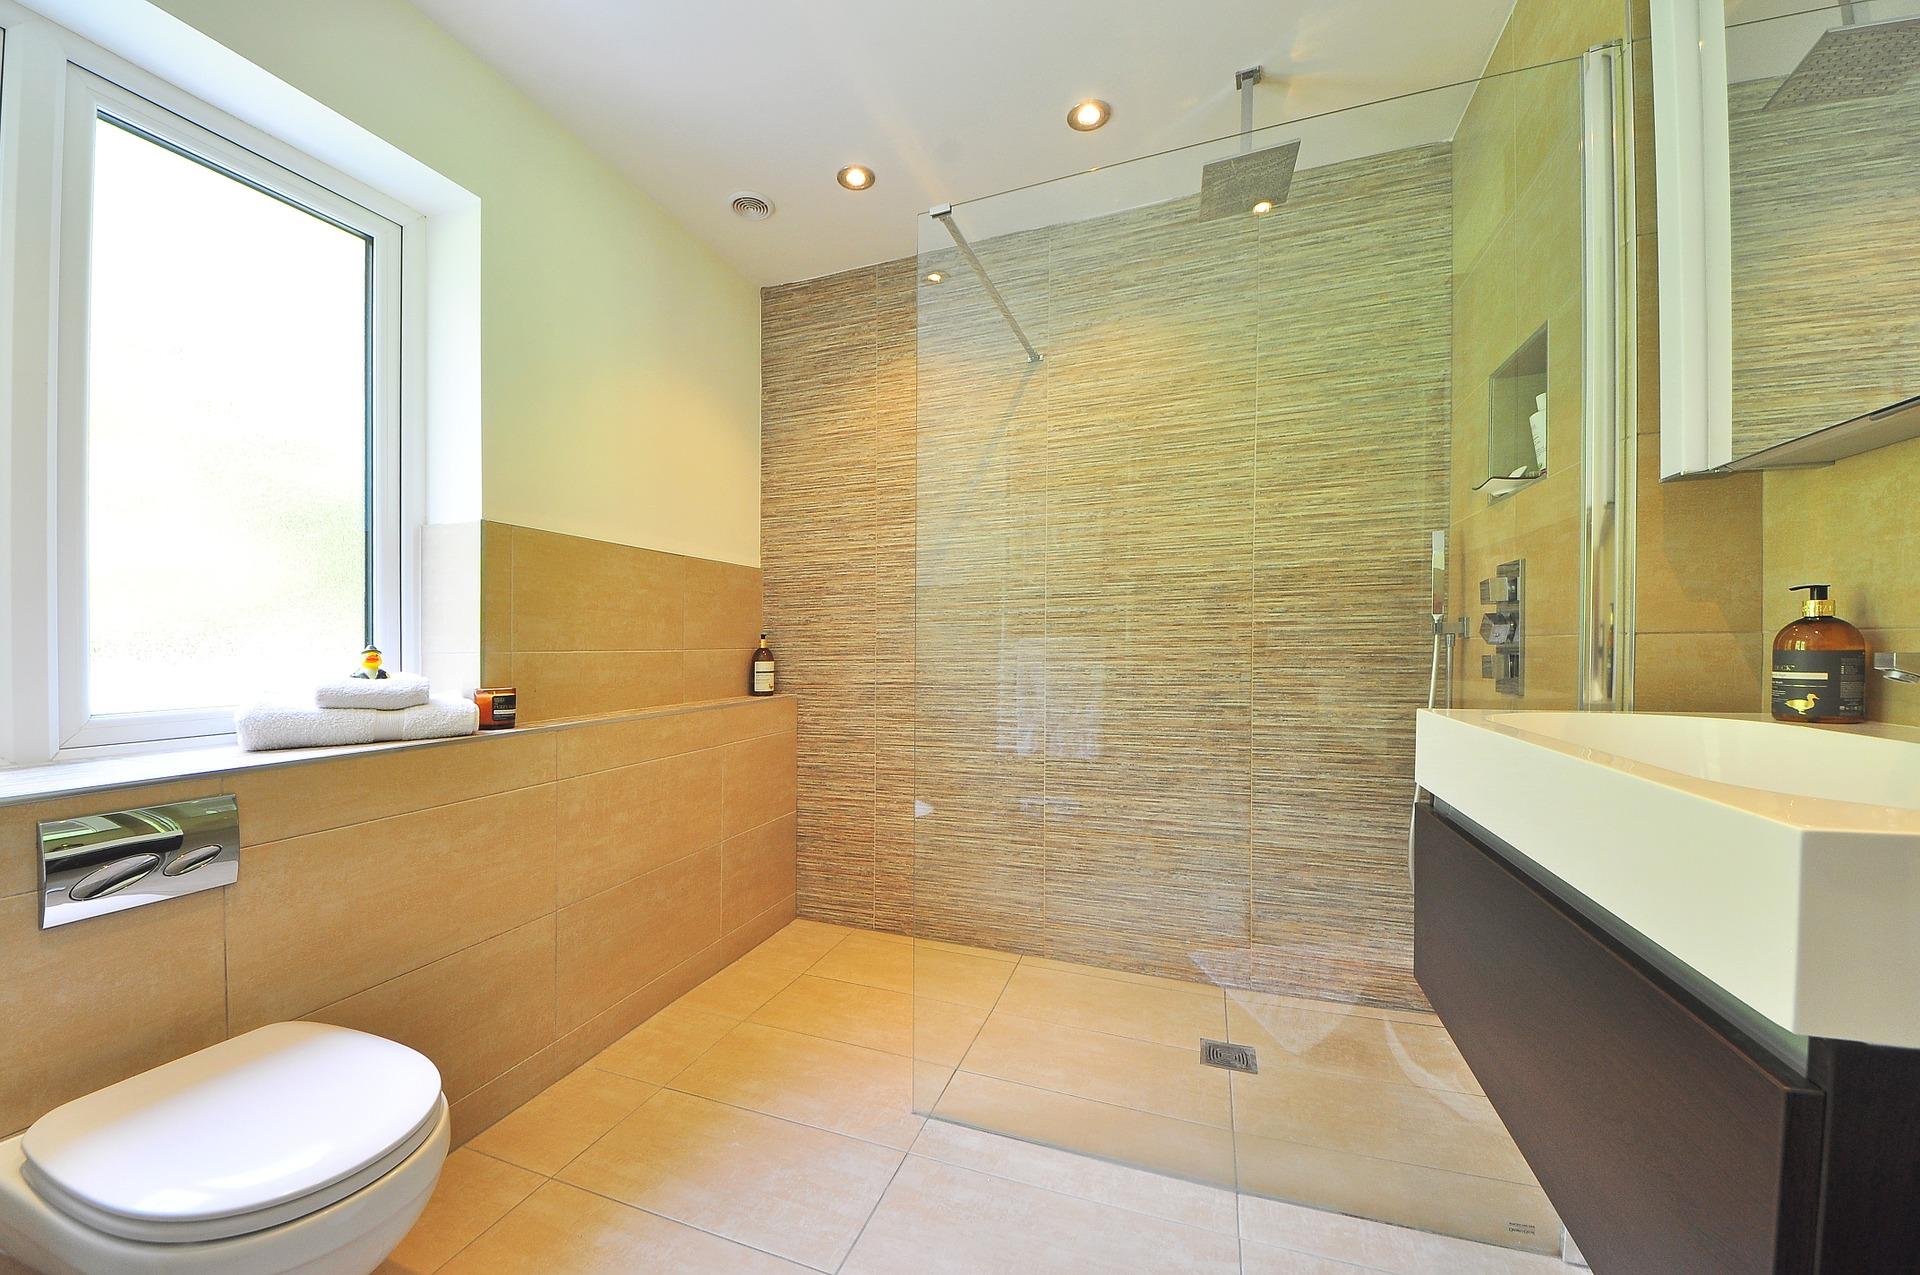 Decoration De Petite Salle De Bain idées déco pour les petites salles de bain - danzine